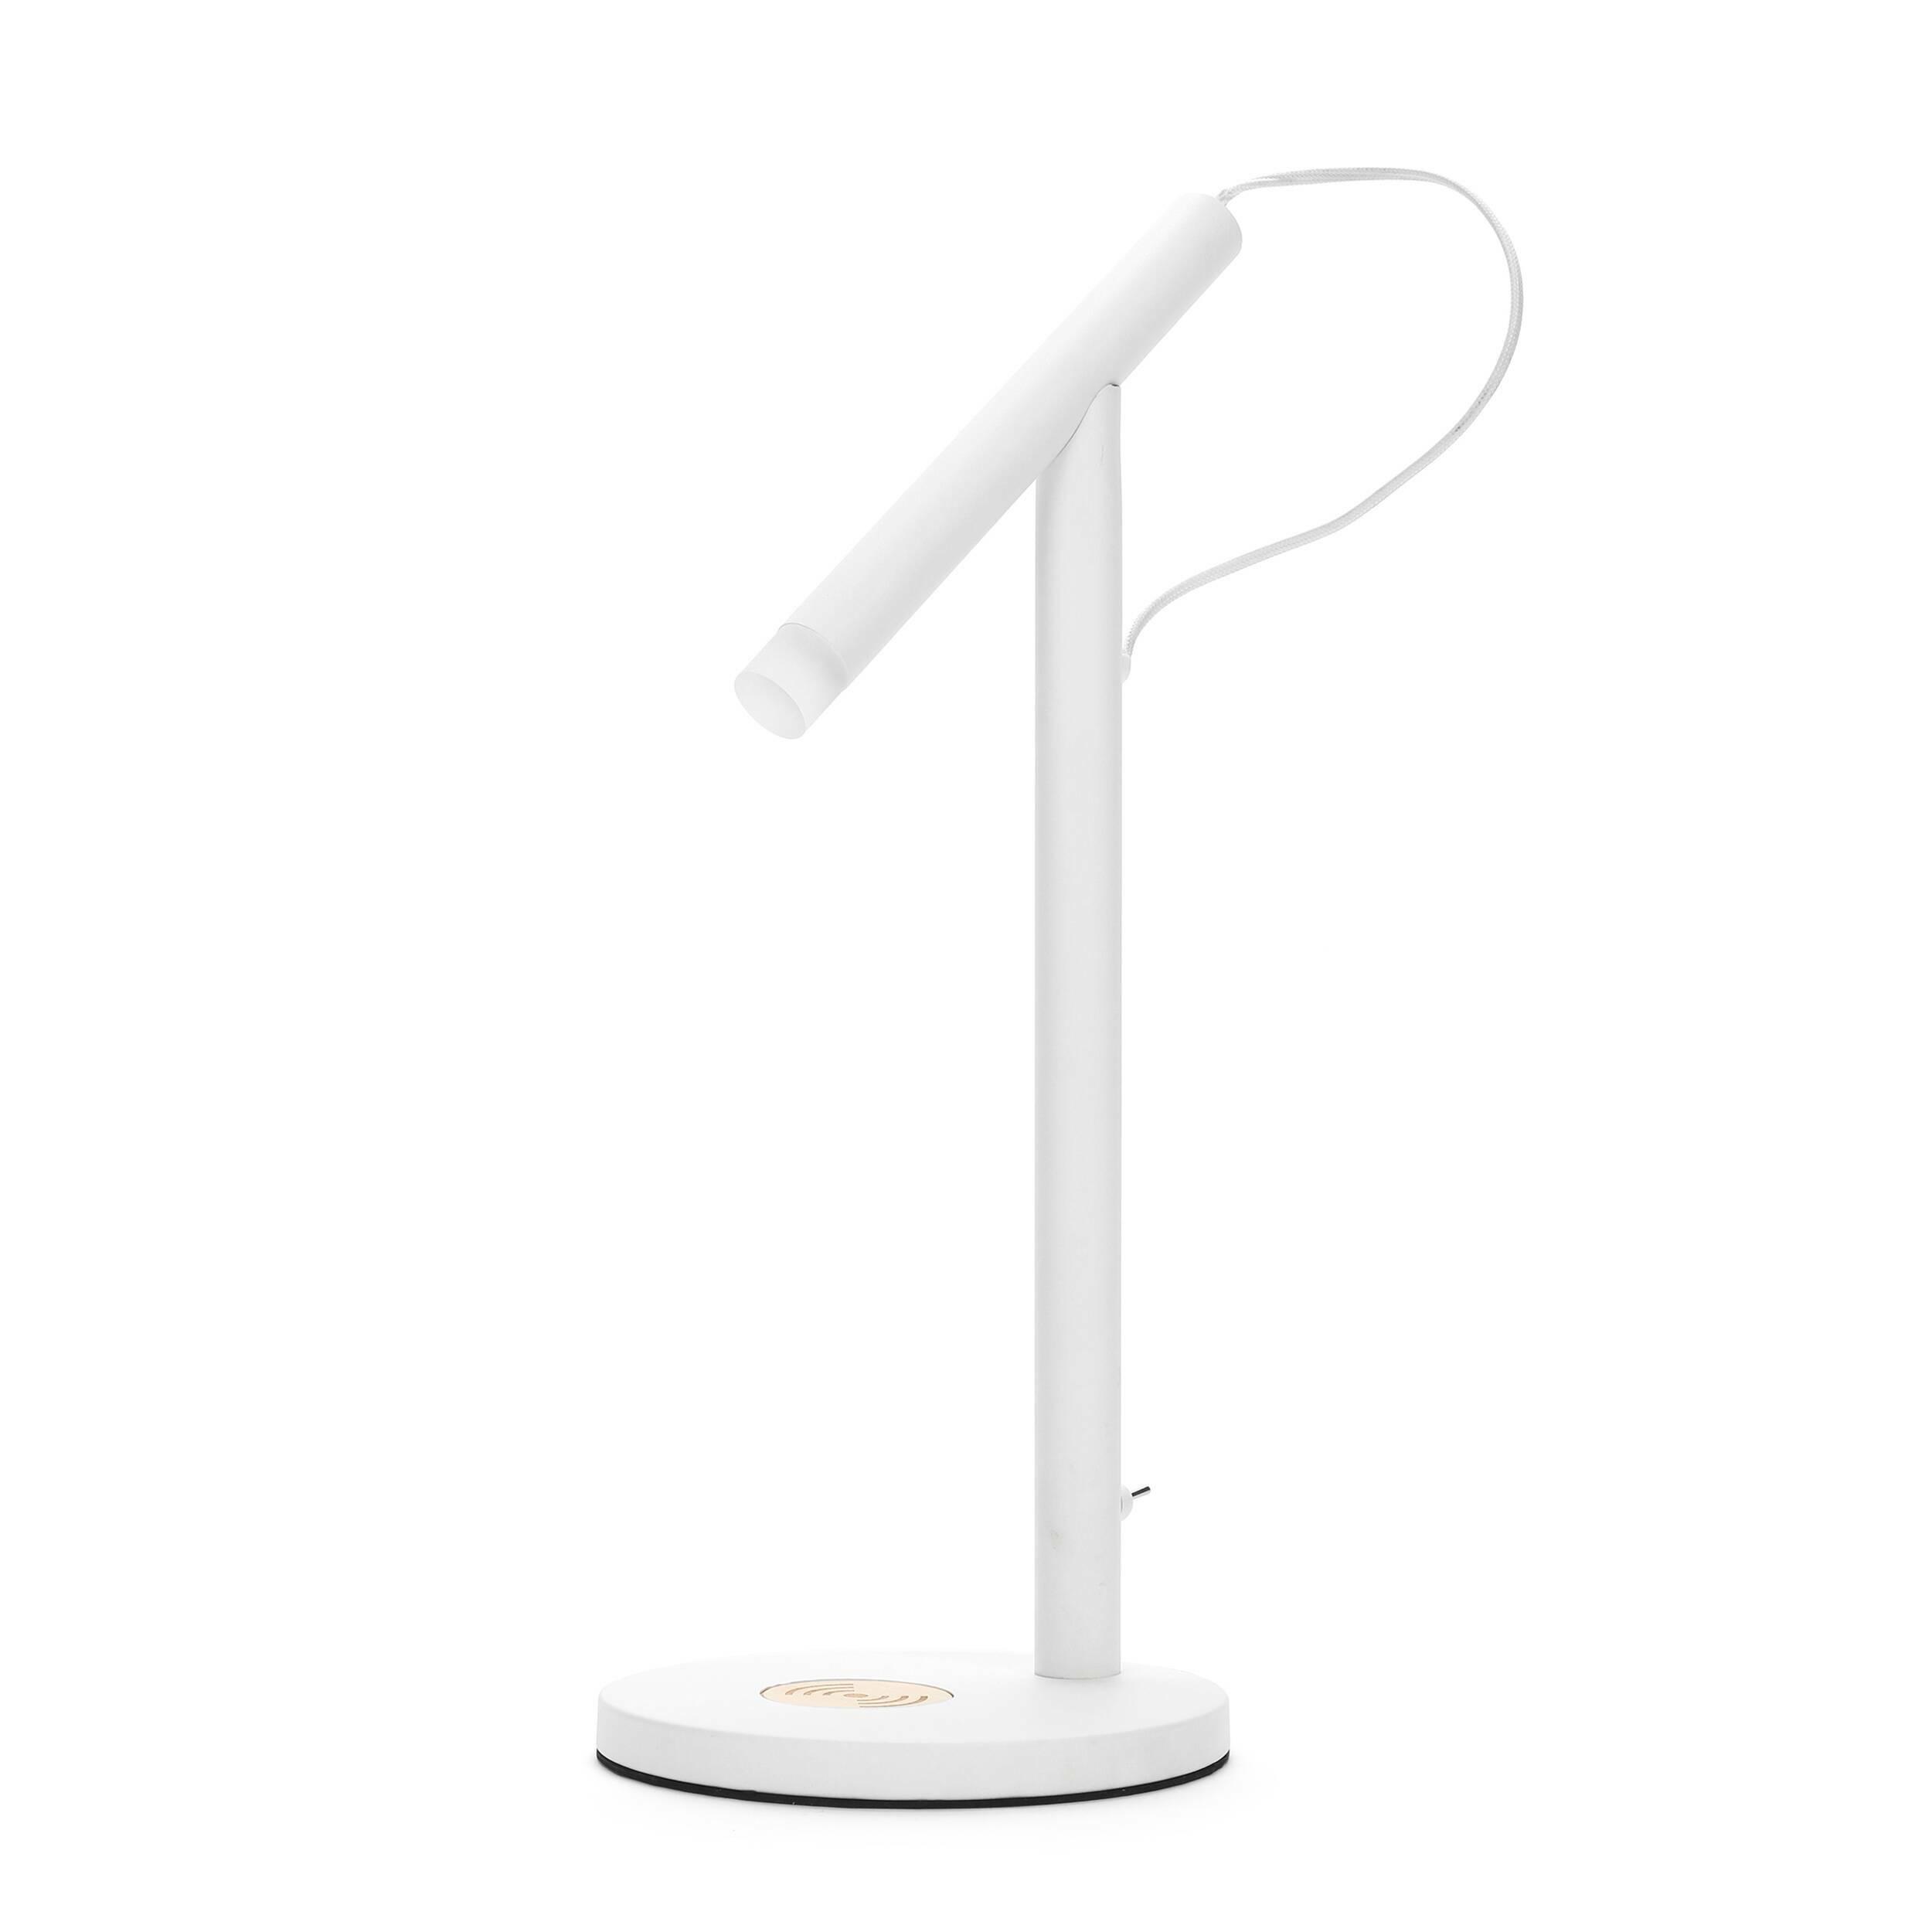 Настольный светильник Charge WhiteНастольные<br>Дизайнерский белый настольный светильник Charge White (Чардж Уайт) в стиле хай-тек от Cosmo (Космо).<br><br>Подыскивая себе ультрамодный настольный светильник, обратите внимание на настольный светильник Charge White. Дизайн этого стильного современного предмета интерьера выполнен в стиле хай-тек. Это отдельное направление в дизайне интерьера, которое пользуется особой популярностью среди молодых и целеустремленных людей. <br> <br> Несмотря на то что оригинальный светильник изготовлен в стиле хай-те...<br><br>stock: 21<br>Высота: 43<br>Диаметр: 20<br>Количество ламп: 1<br>Материал абажура: Металл<br>Материал арматуры: Металл<br>Мощность лампы: 2<br>Ламп в комплекте: Да<br>Напряжение: 220-240<br>Тип лампы/цоколь: LED<br>Цвет абажура: Белый<br>Цвет арматуры: Белый<br>Цвет провода: Белый